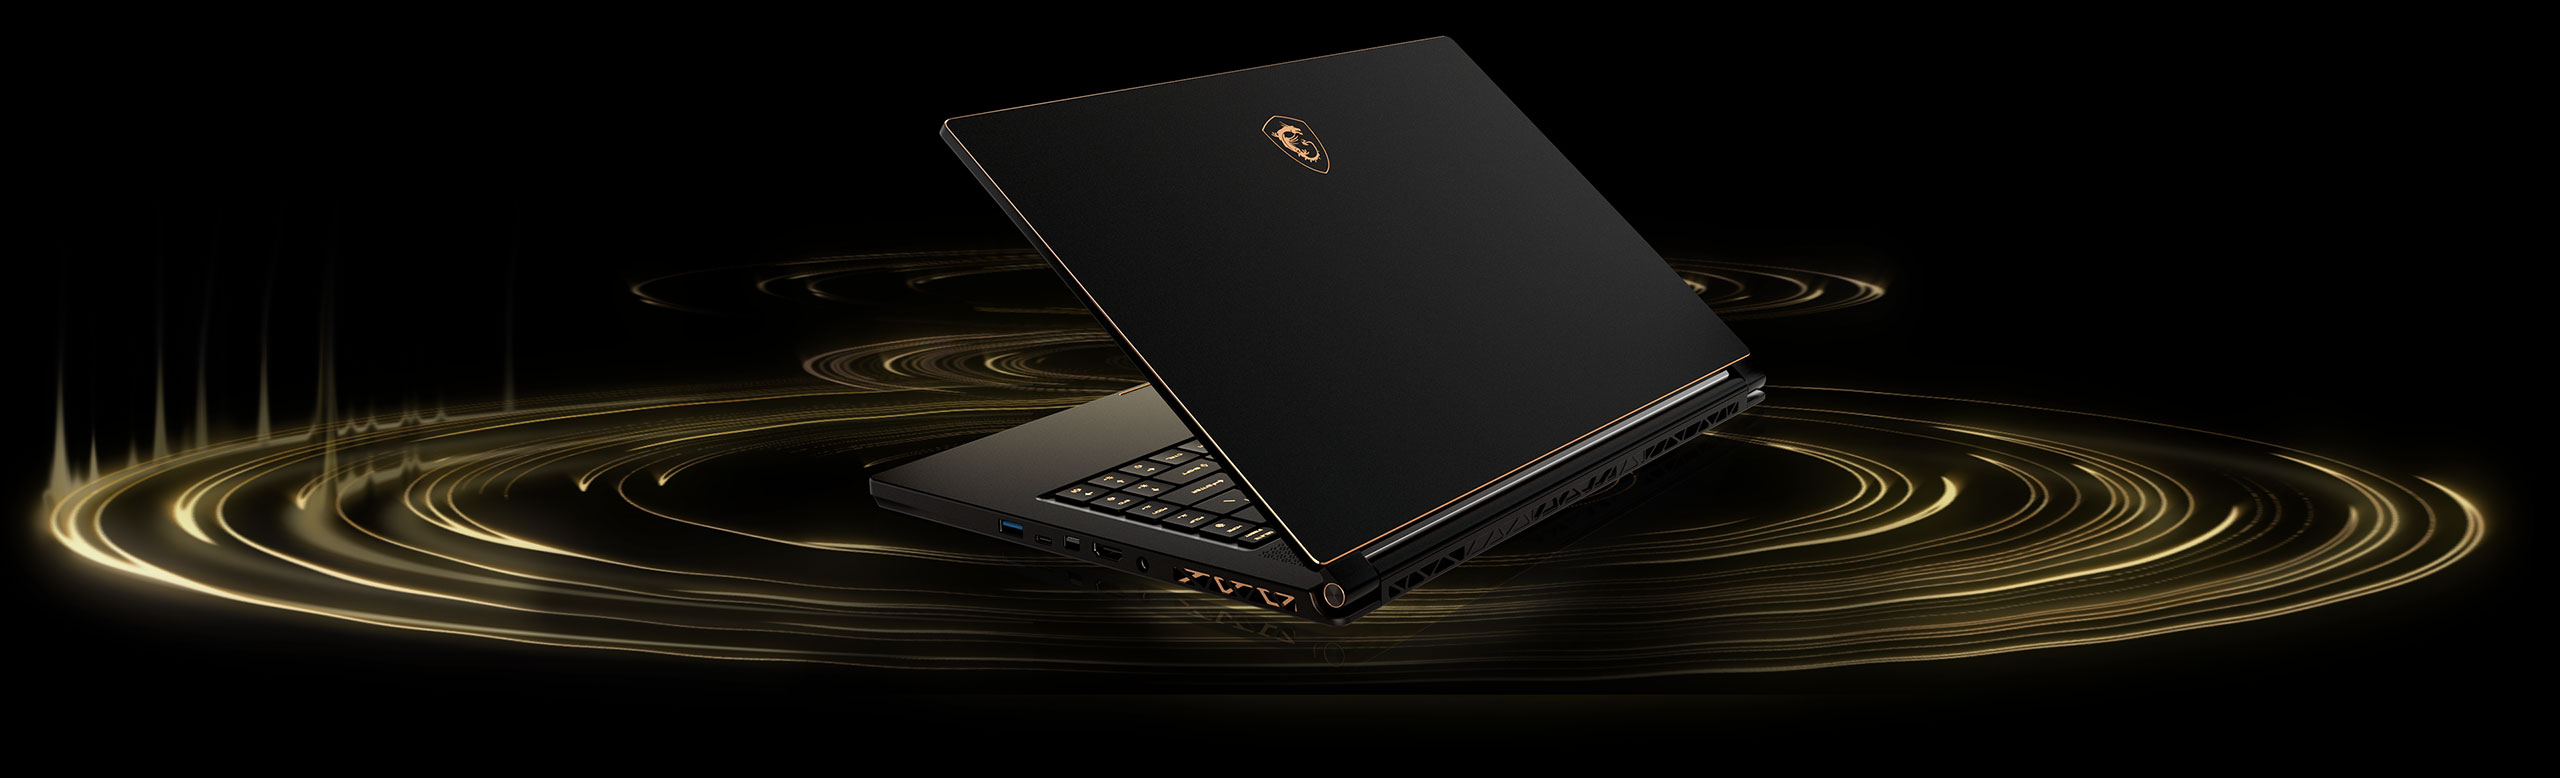 لپ تاپ 15 اینچی ام اس آی مدل MSI laptop GS65 8RF Stealth Thin